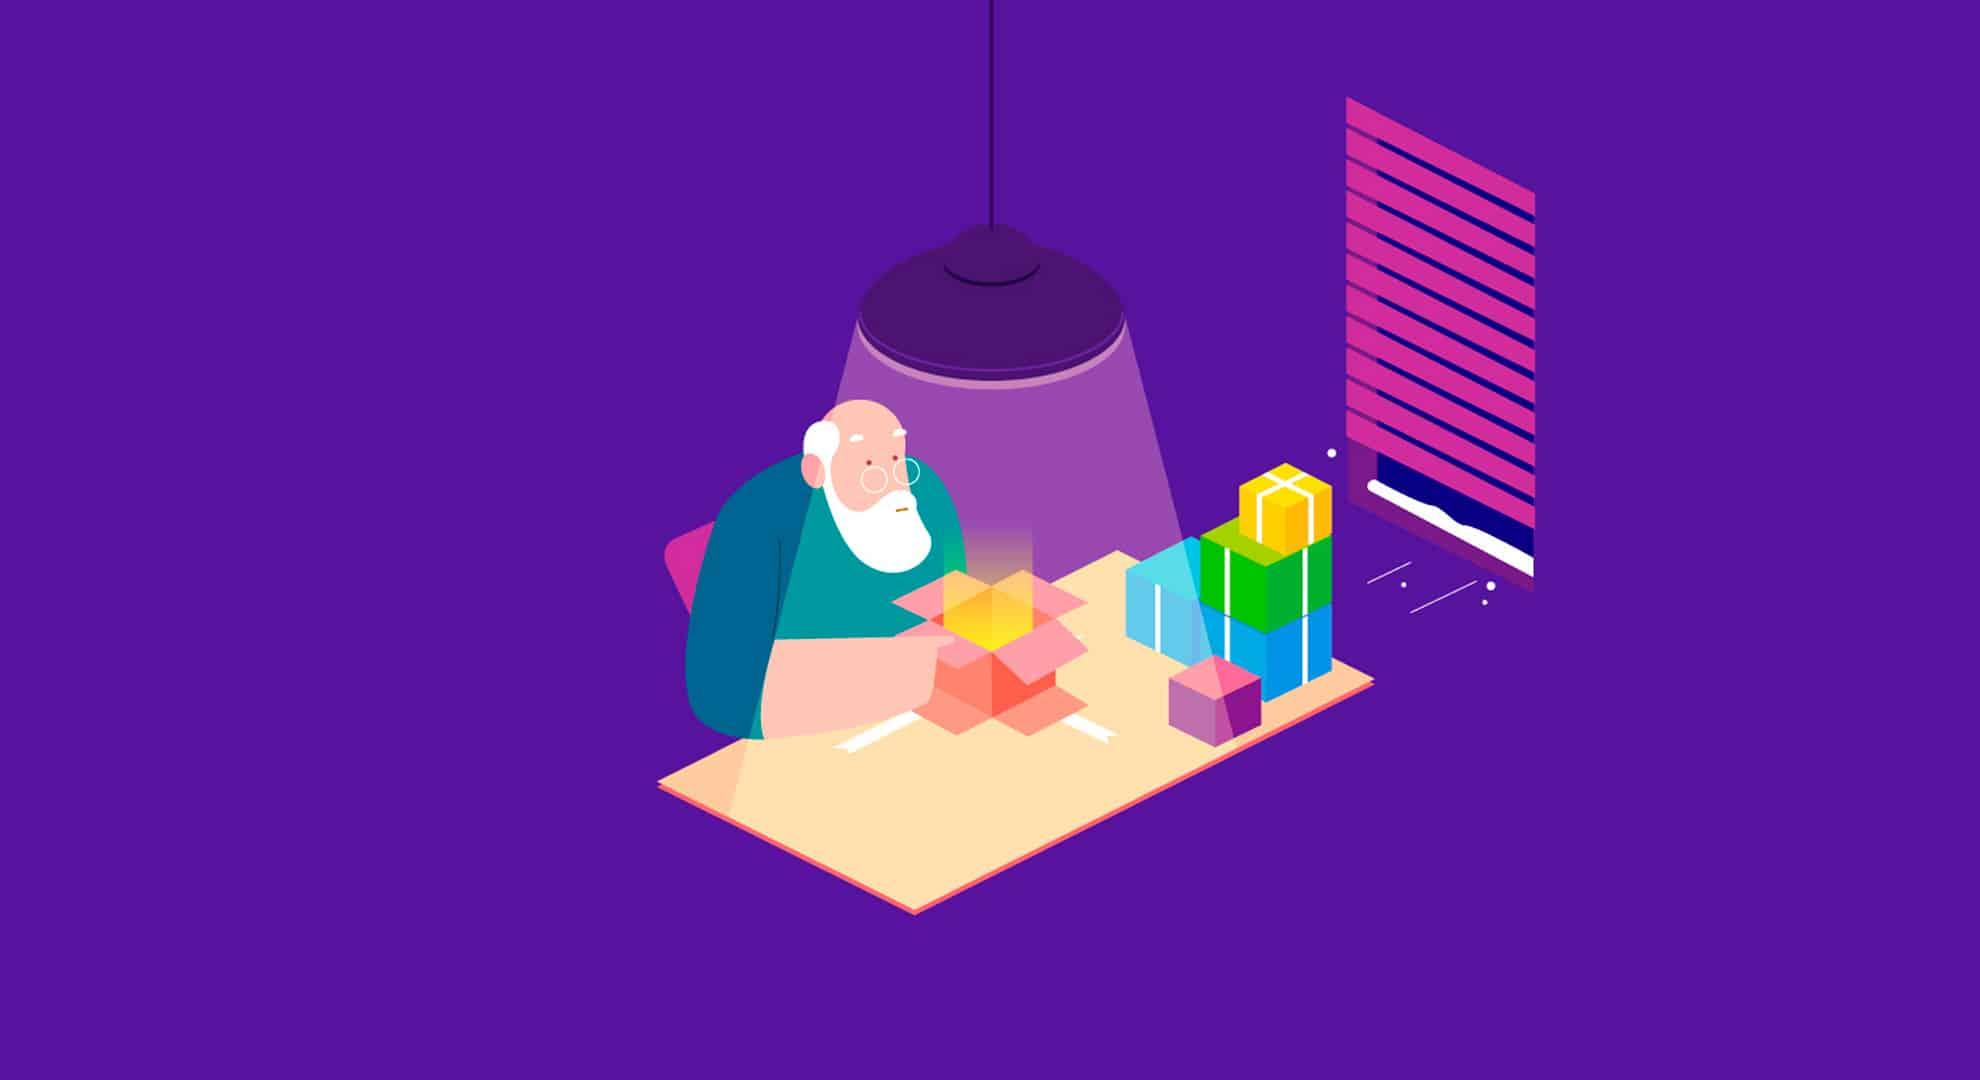 Elle fait enregistrer ses bagages dans un aeroport clipart vector library download Idée cadeau voyage : 30 super idées pour homme et femme (2019) vector library download